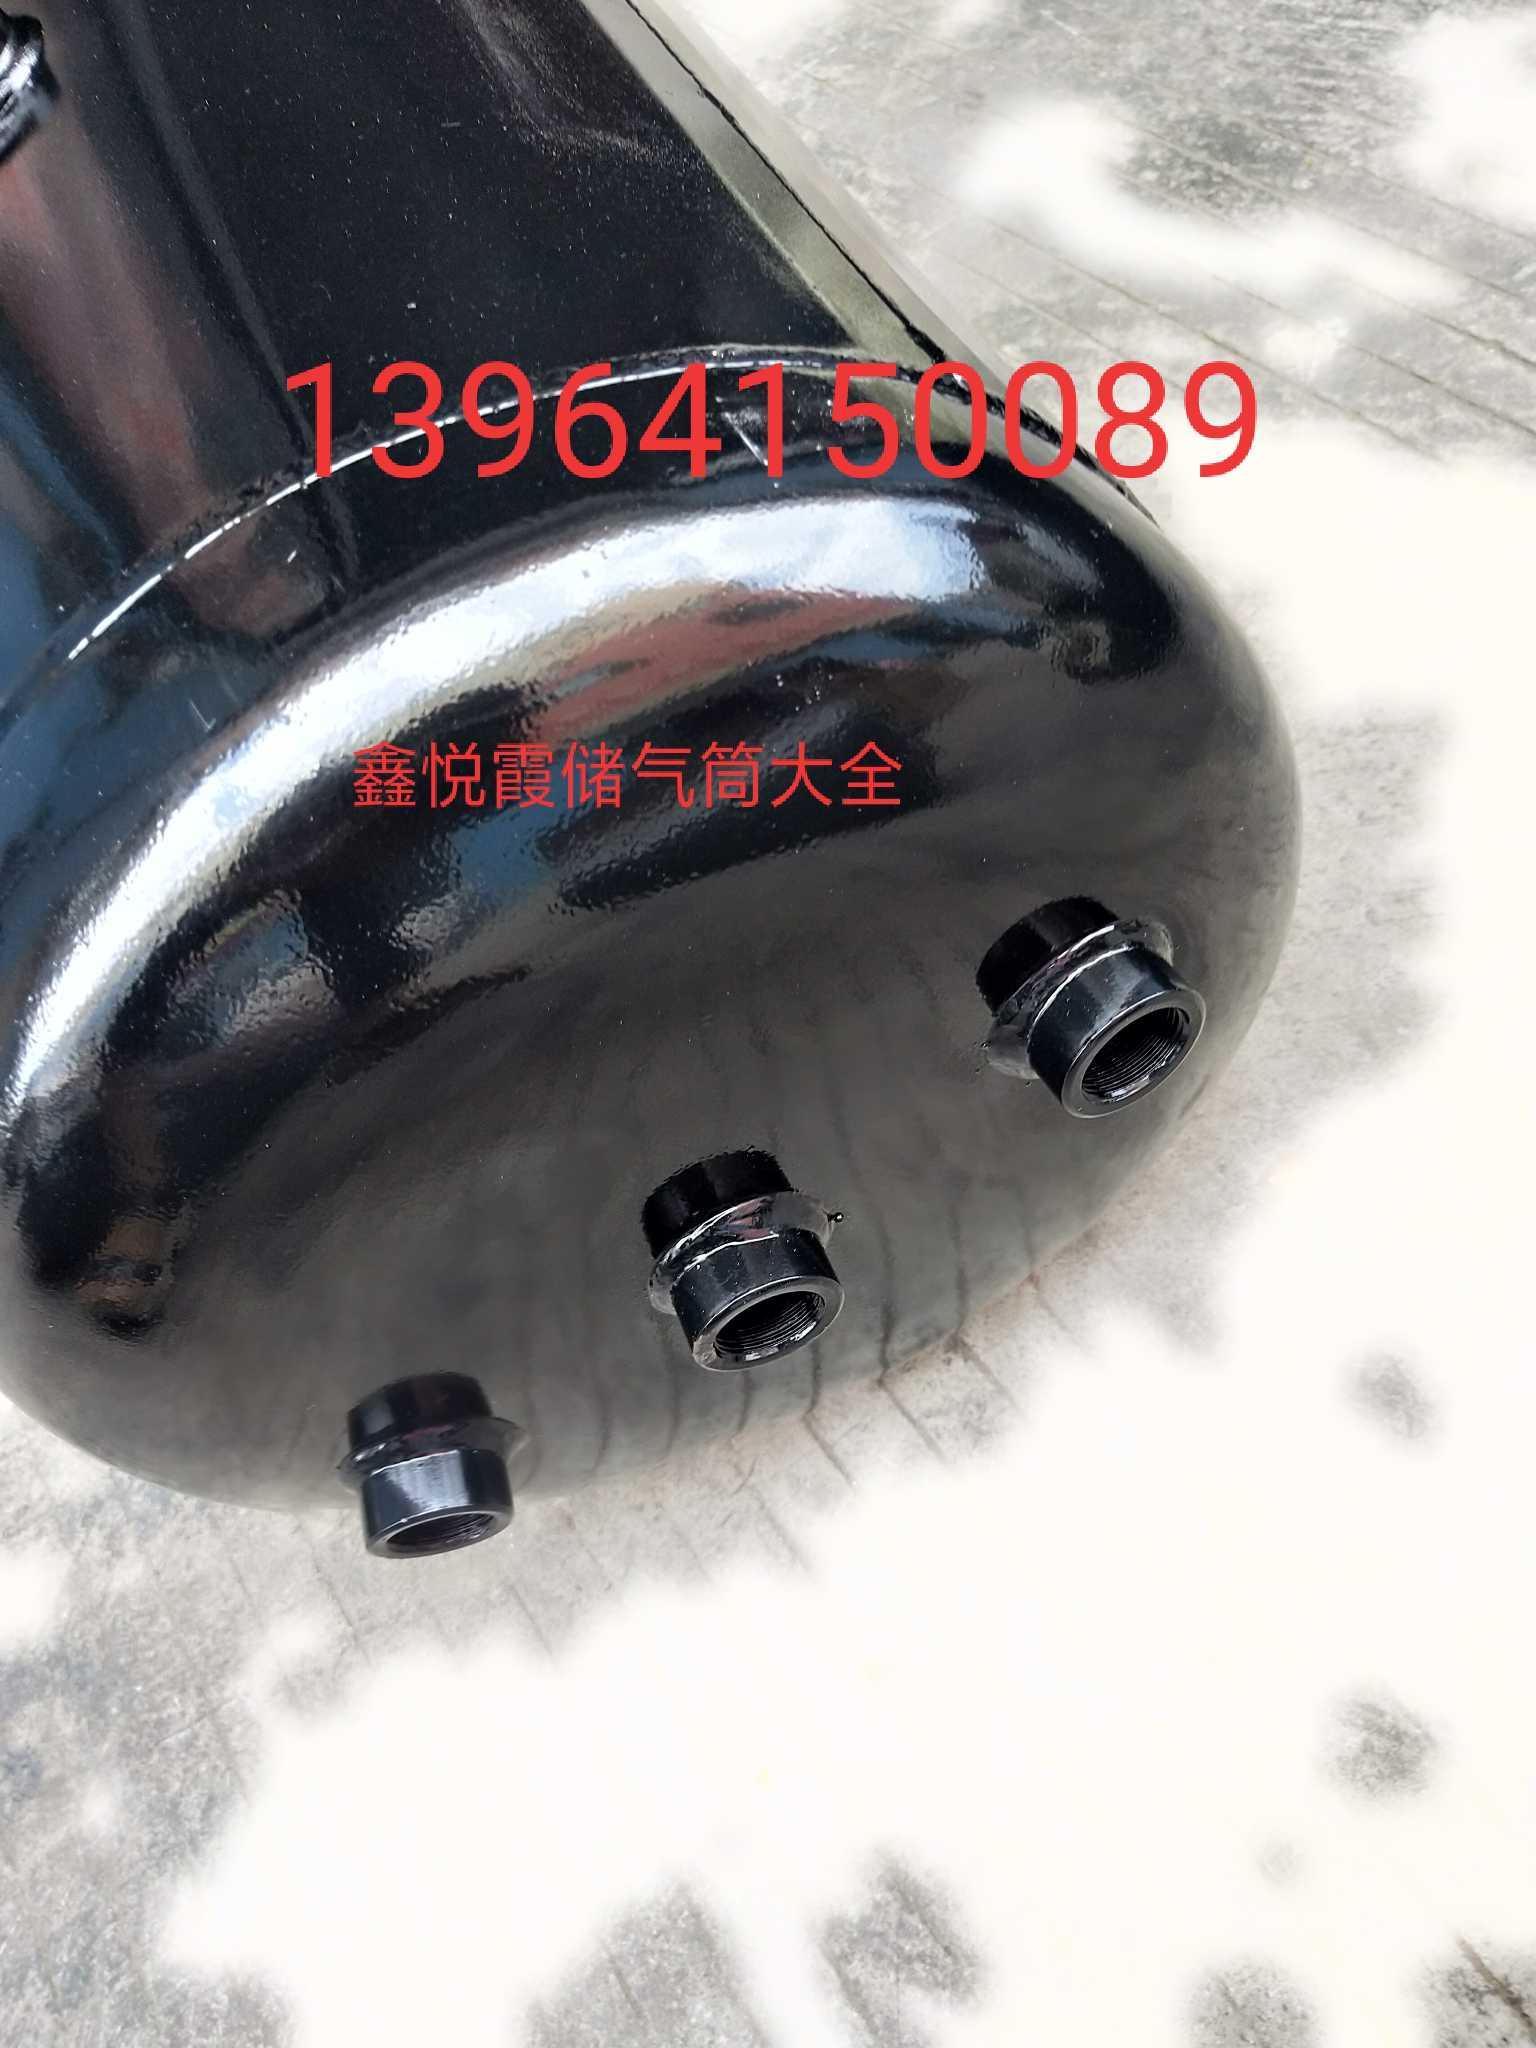 原厂配套X3000储气筒DZ93189361061